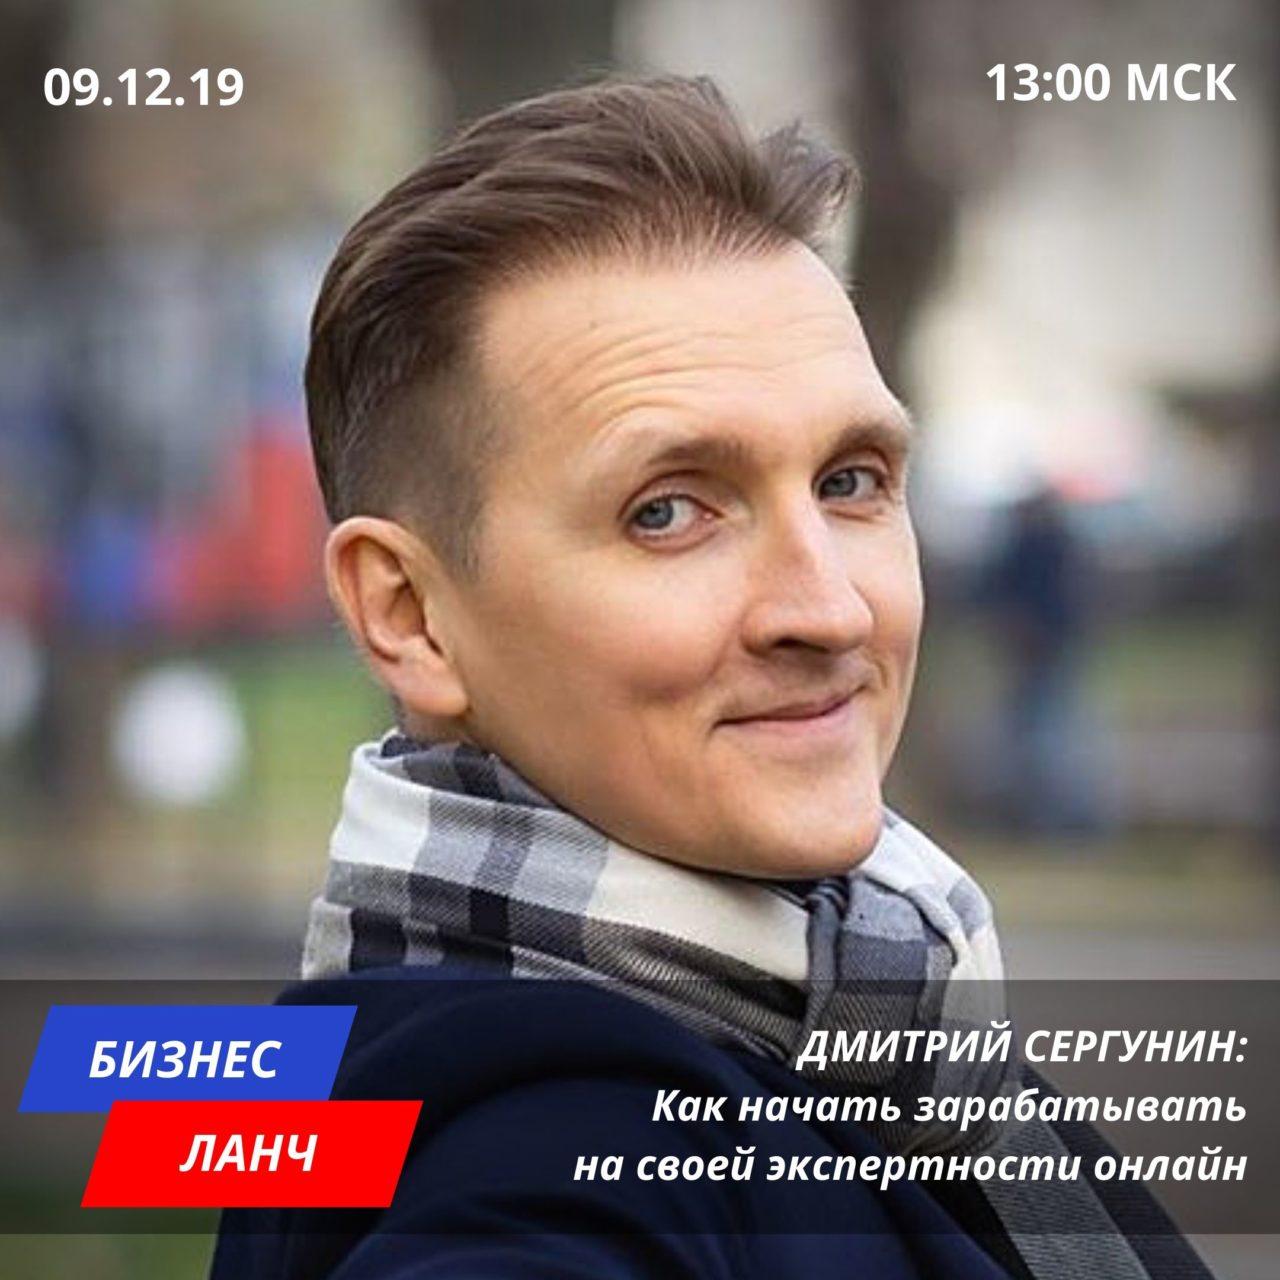 Дмитрий Сергунин